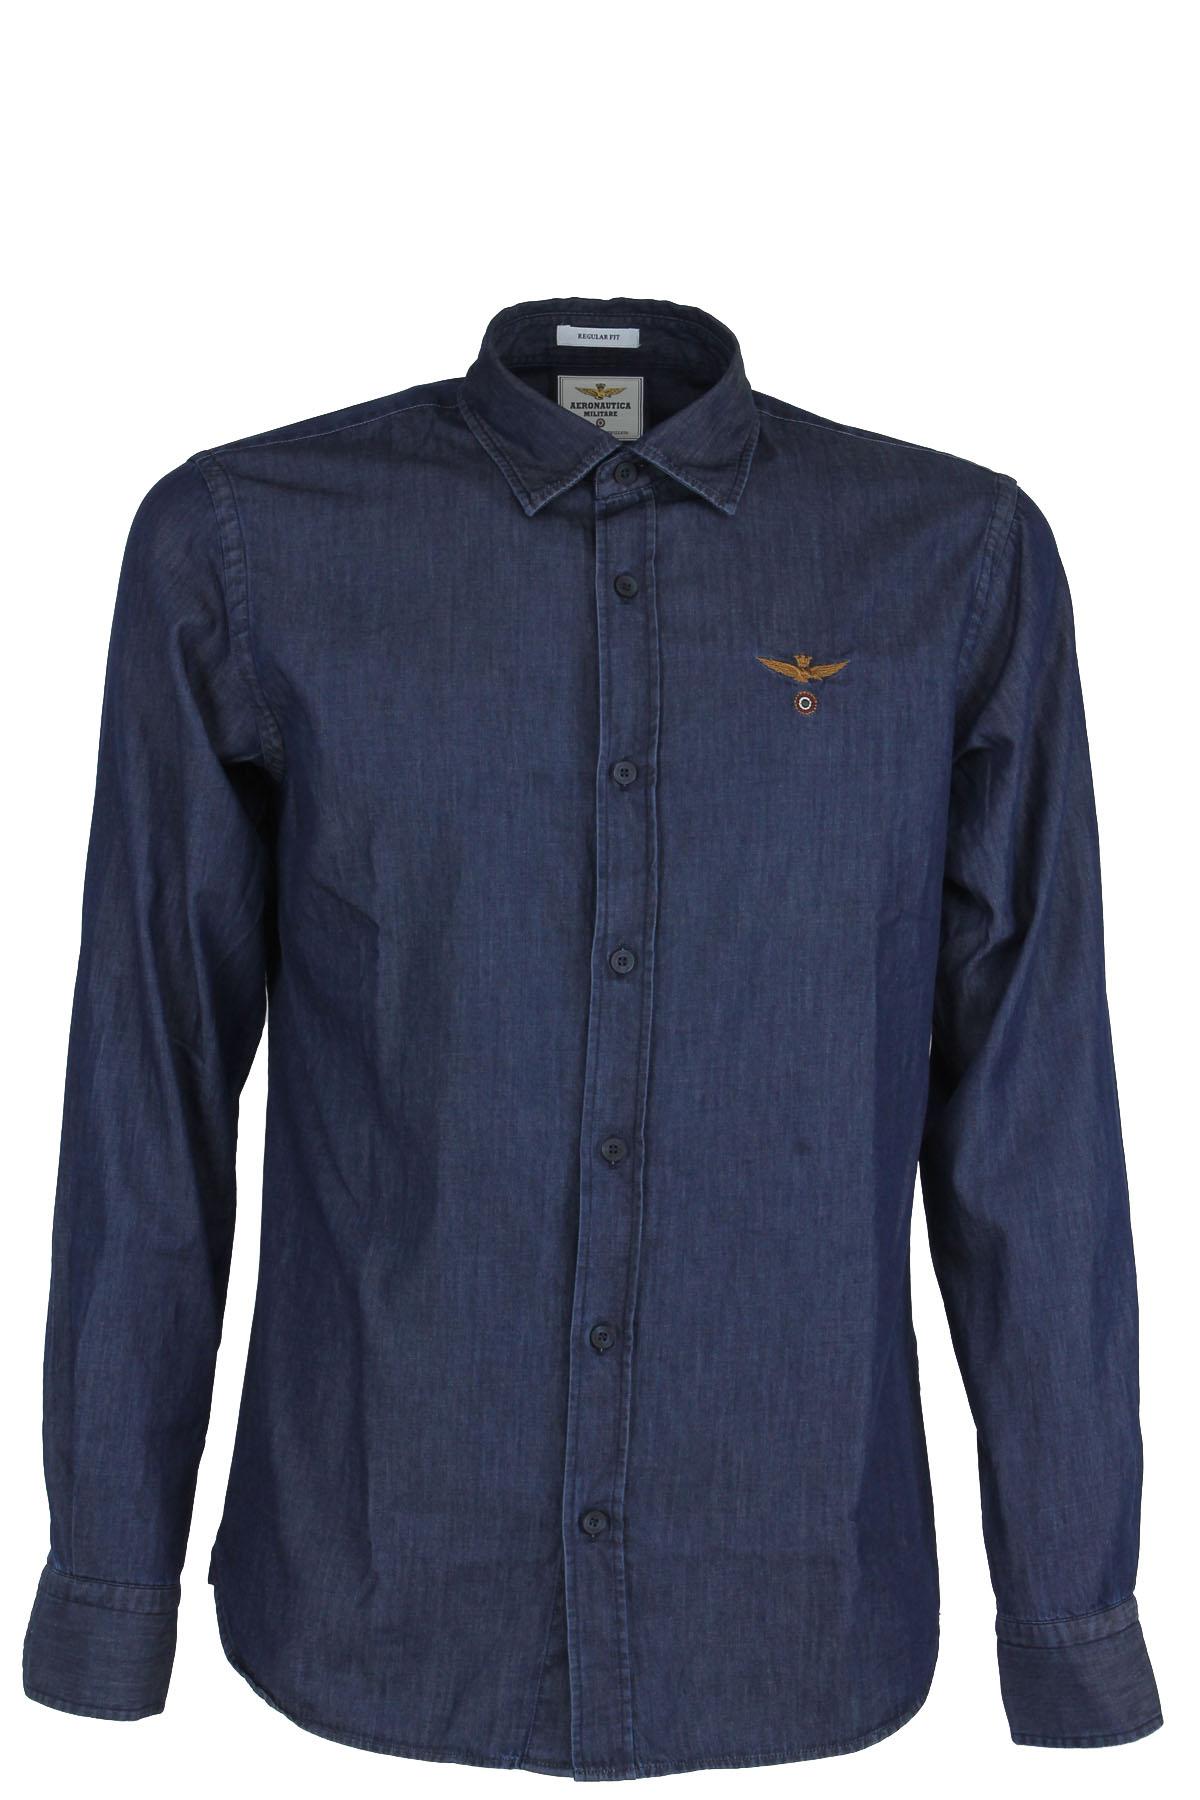 2ec7d9aa55 Camicia jeans demin uomo